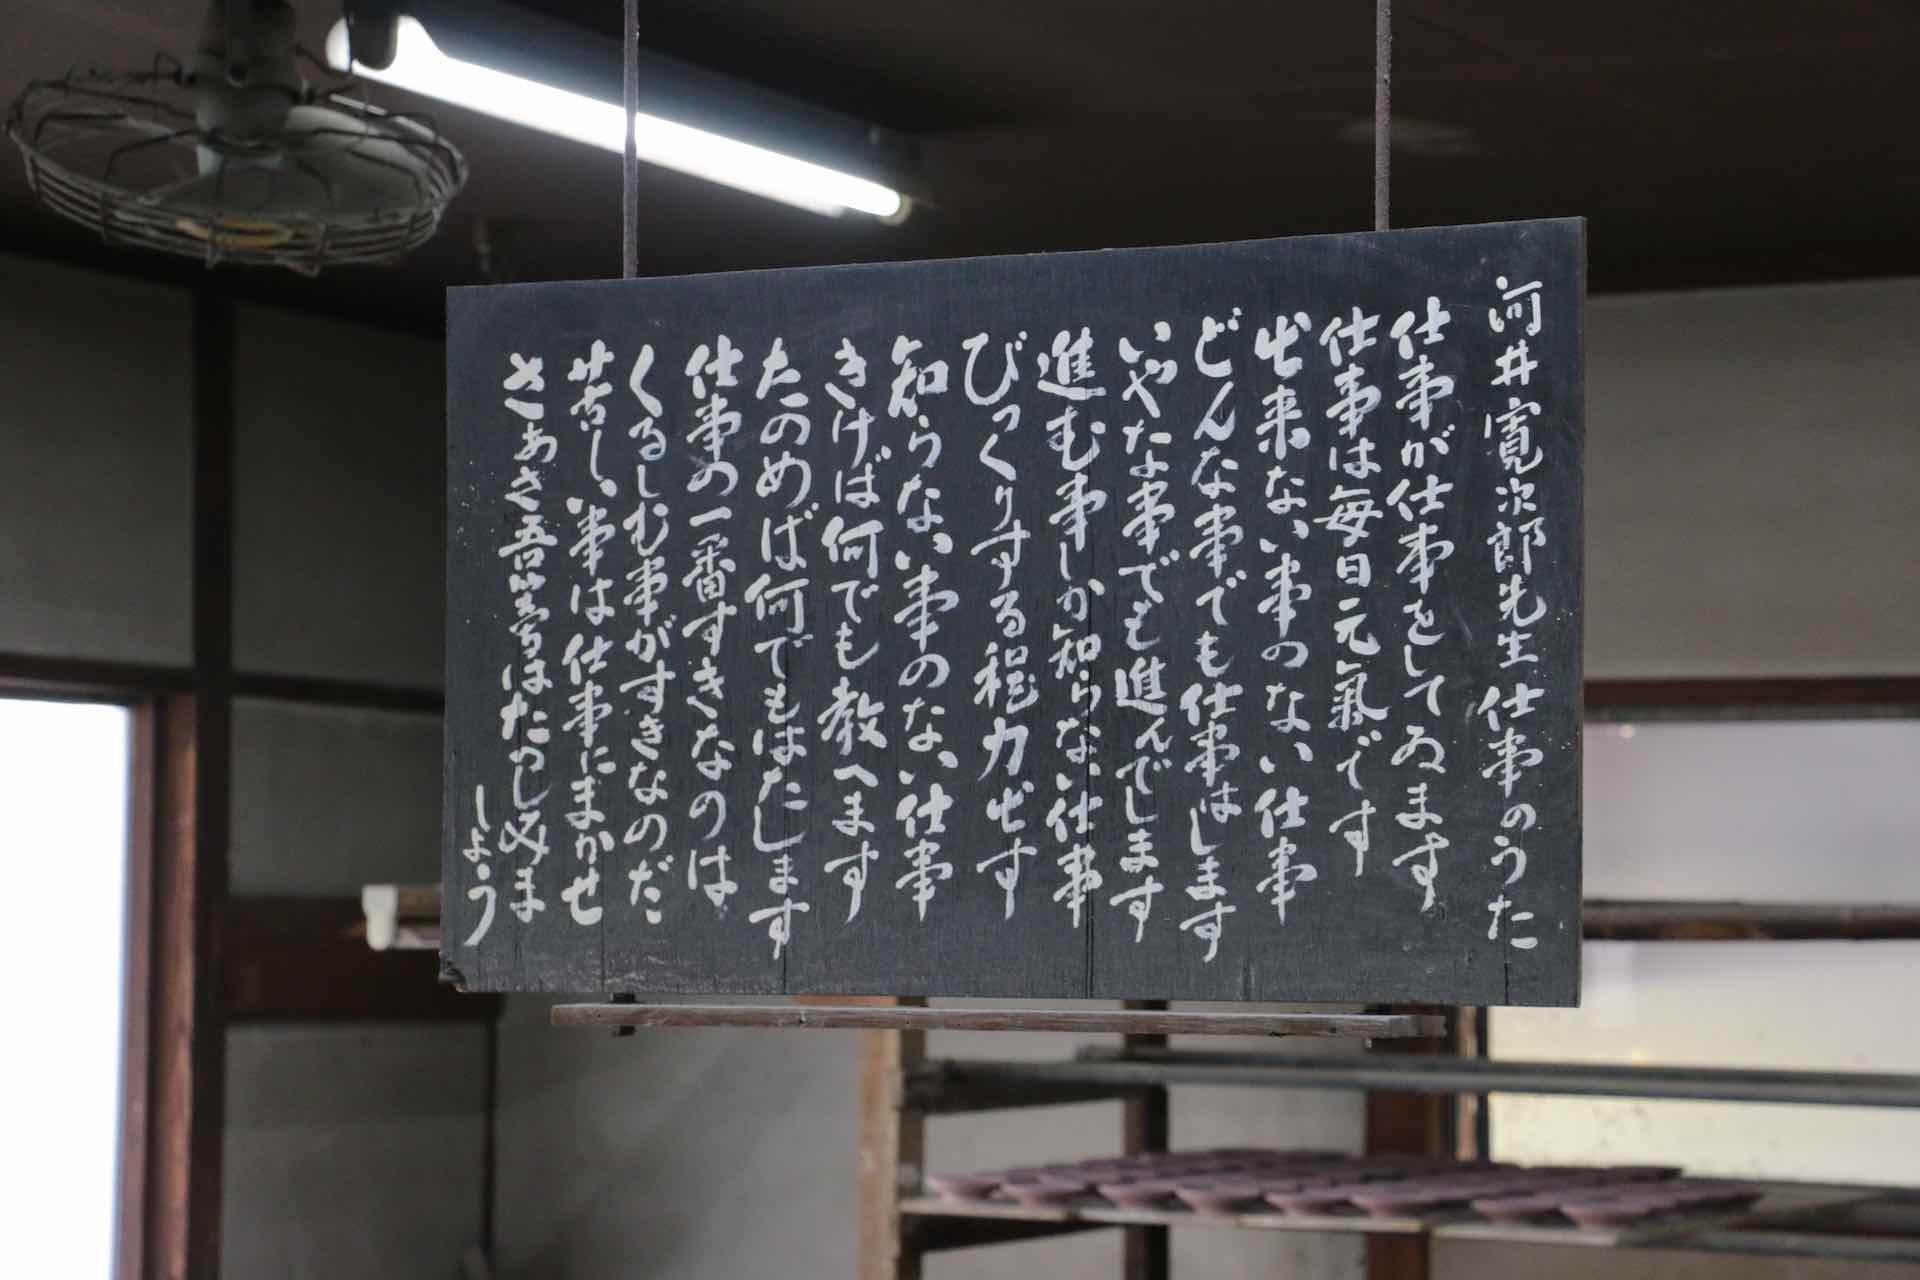 出西窯の工房内にある、河井寛次郎の言葉